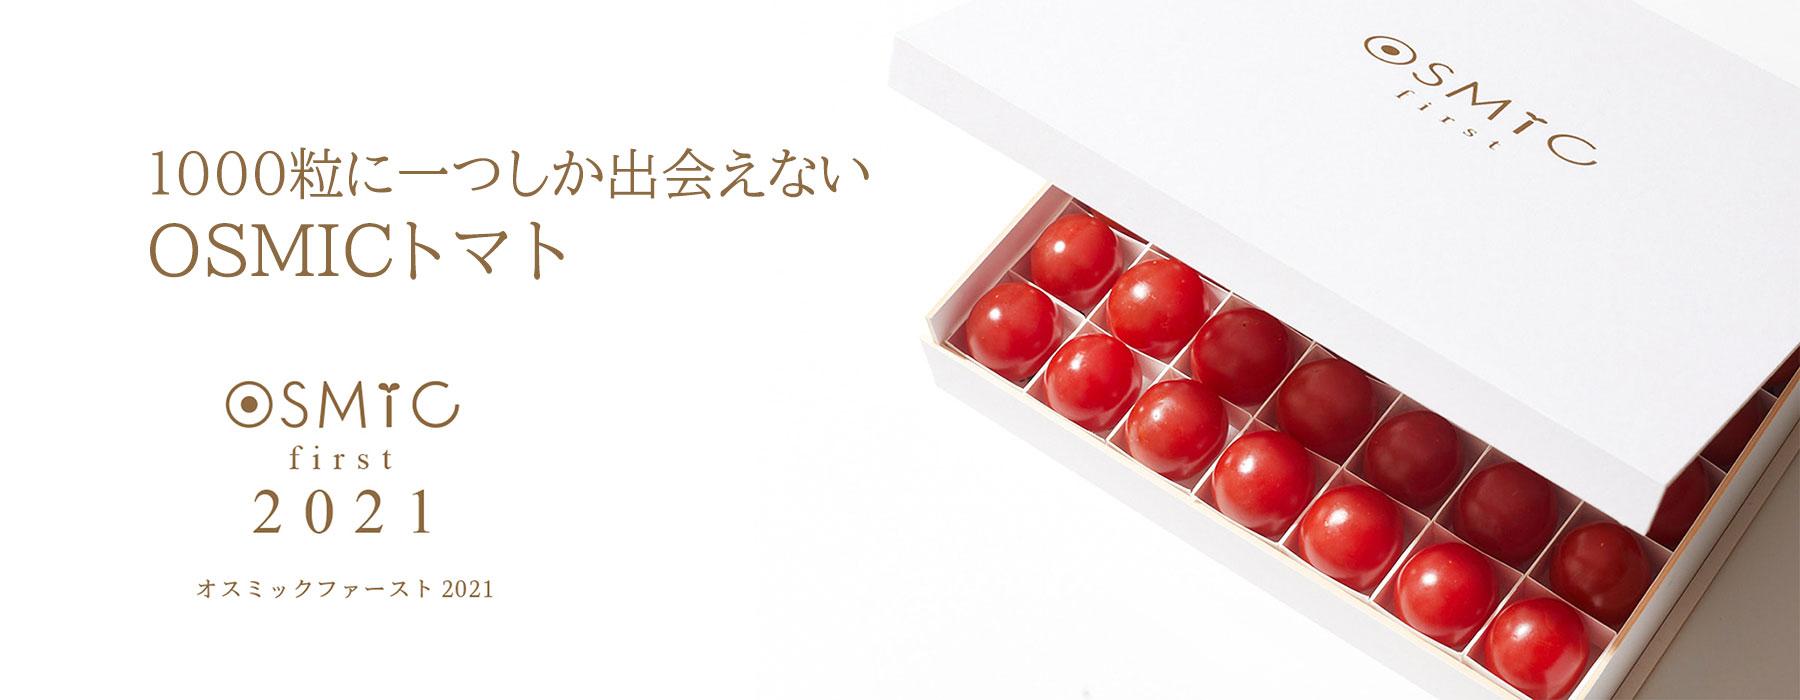 1000粒に一つしか出会えないOSMICトマト「OSMIC first 2021」